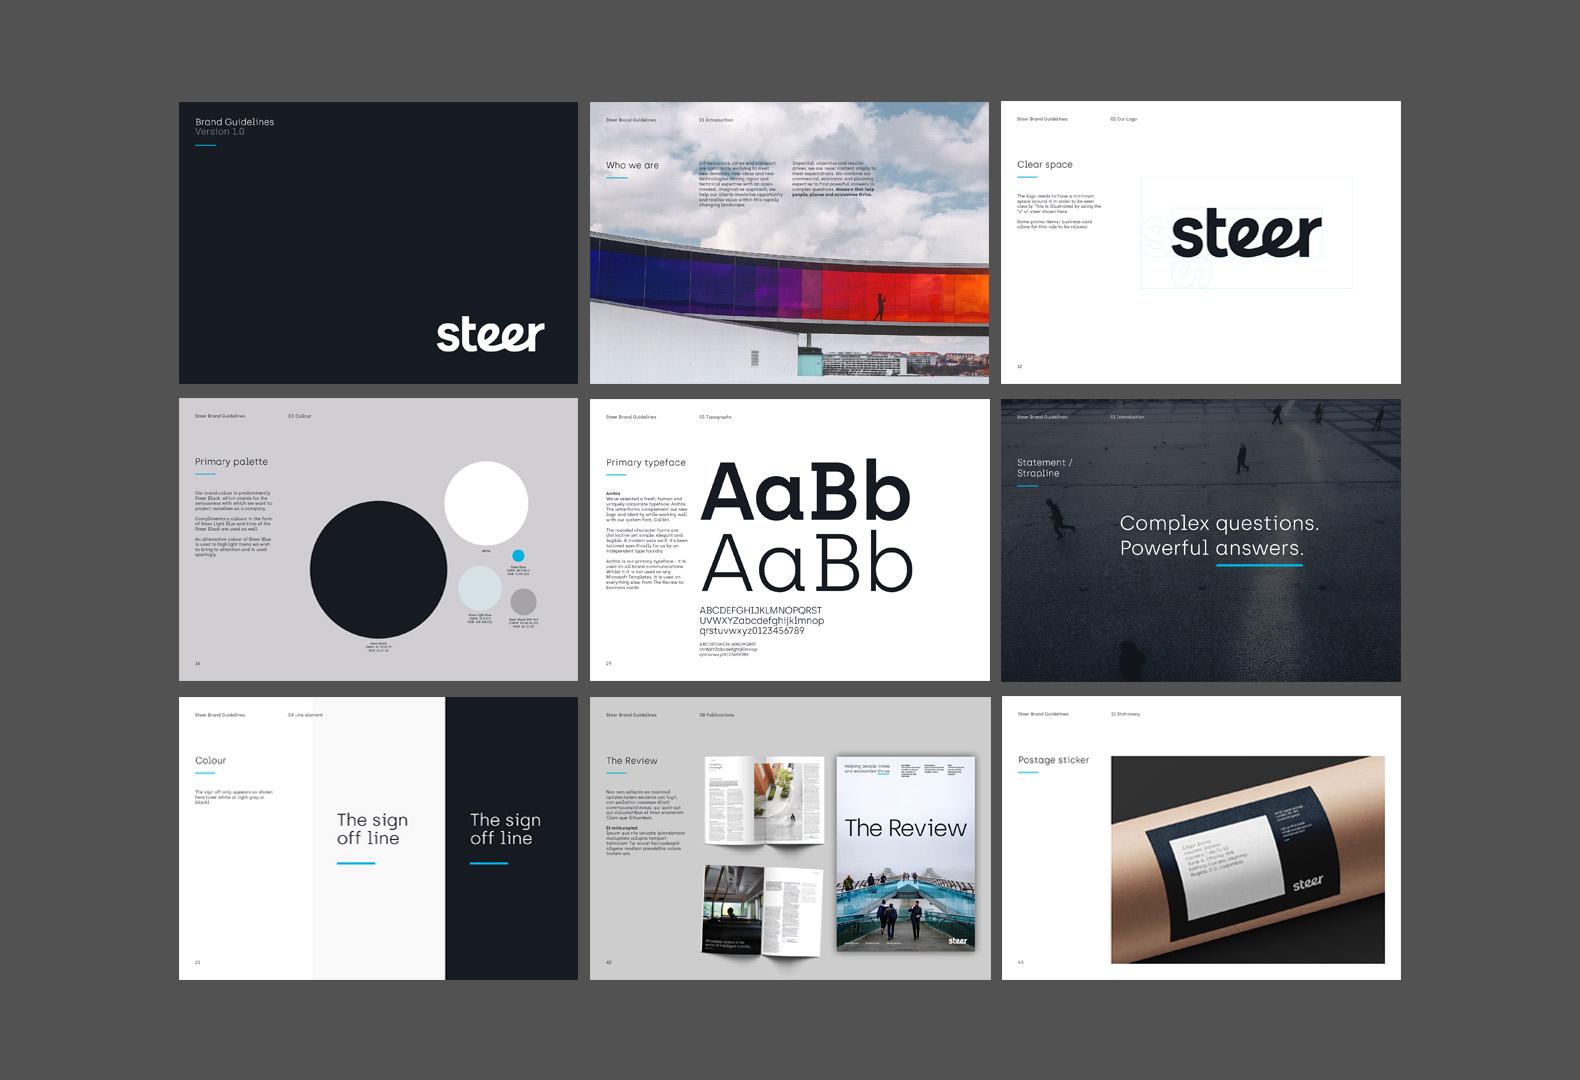 Steer_02